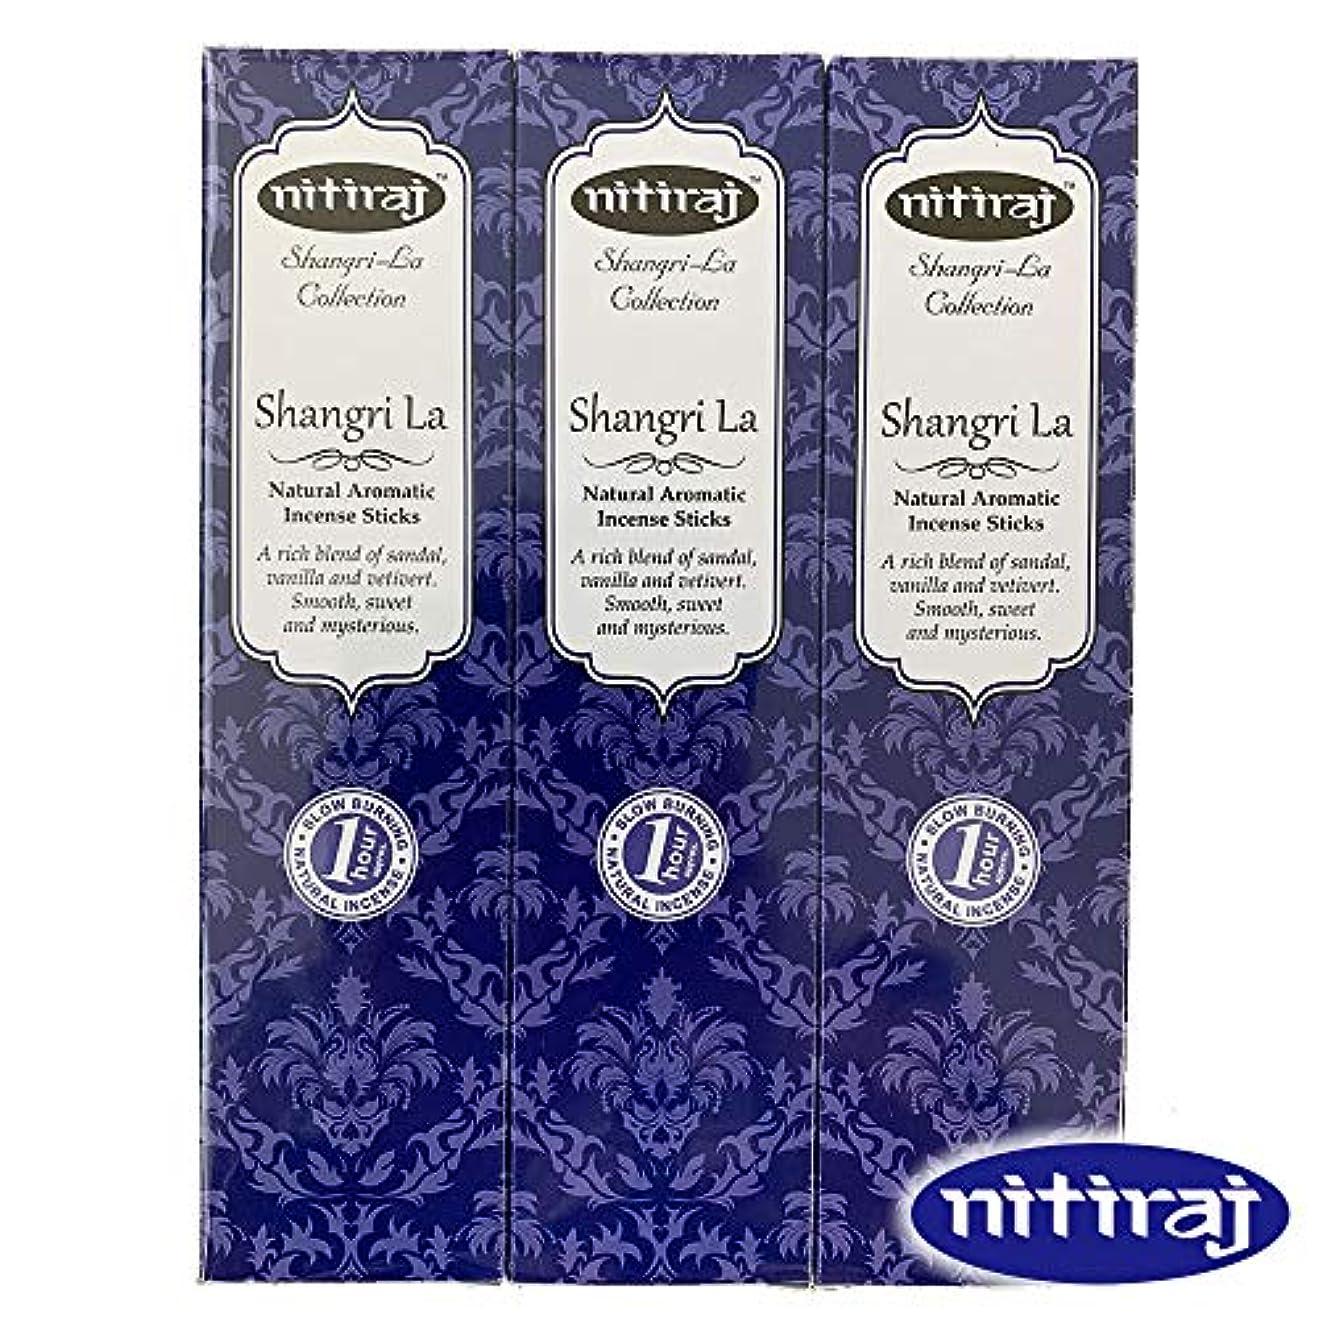 真空アーネストシャクルトン過剰お香 アロマインセンス Nitiraj(ニティラジ)一番人気の香り シャングリ?ラ 3箱セット(30本/1箱10本入り)100%天然素材